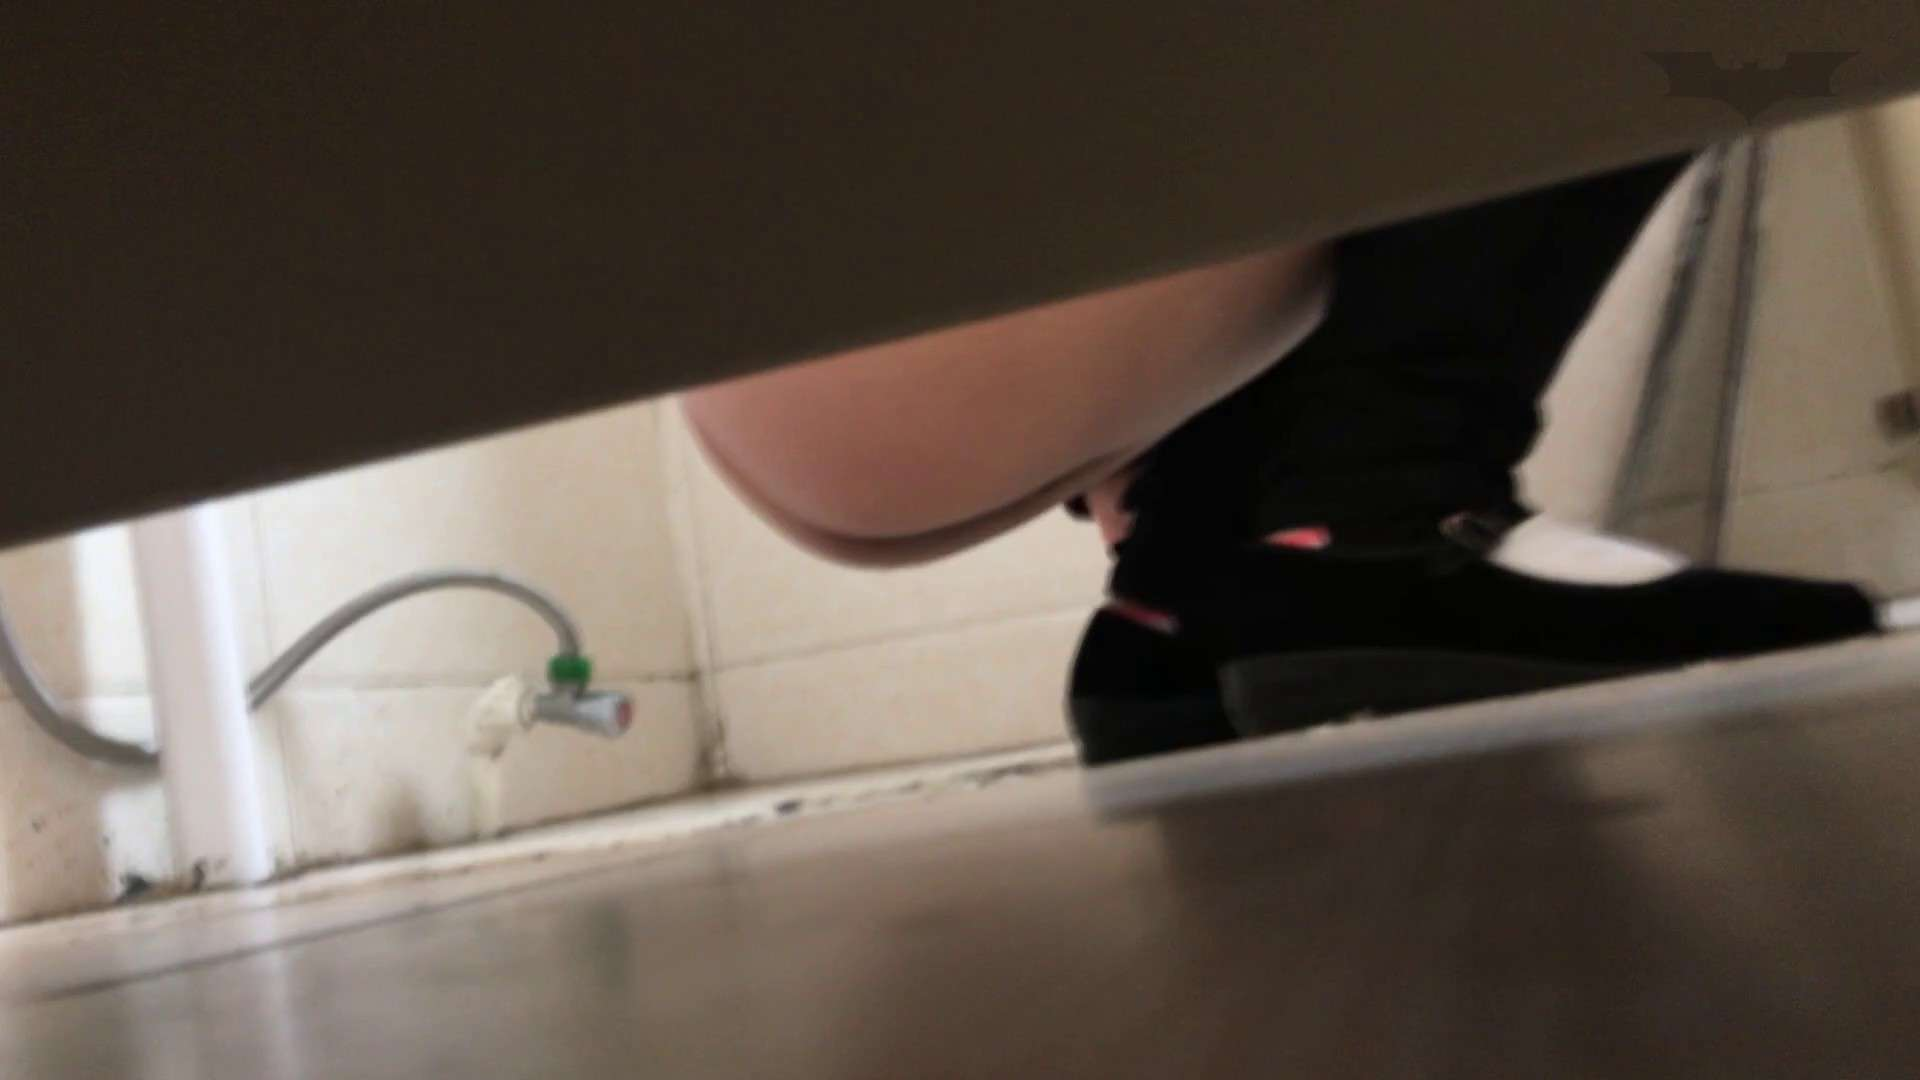 芸術大学ガチ潜入盗撮 JD盗撮 美女の洗面所の秘密 Vol.109 洗面所  86pic 61